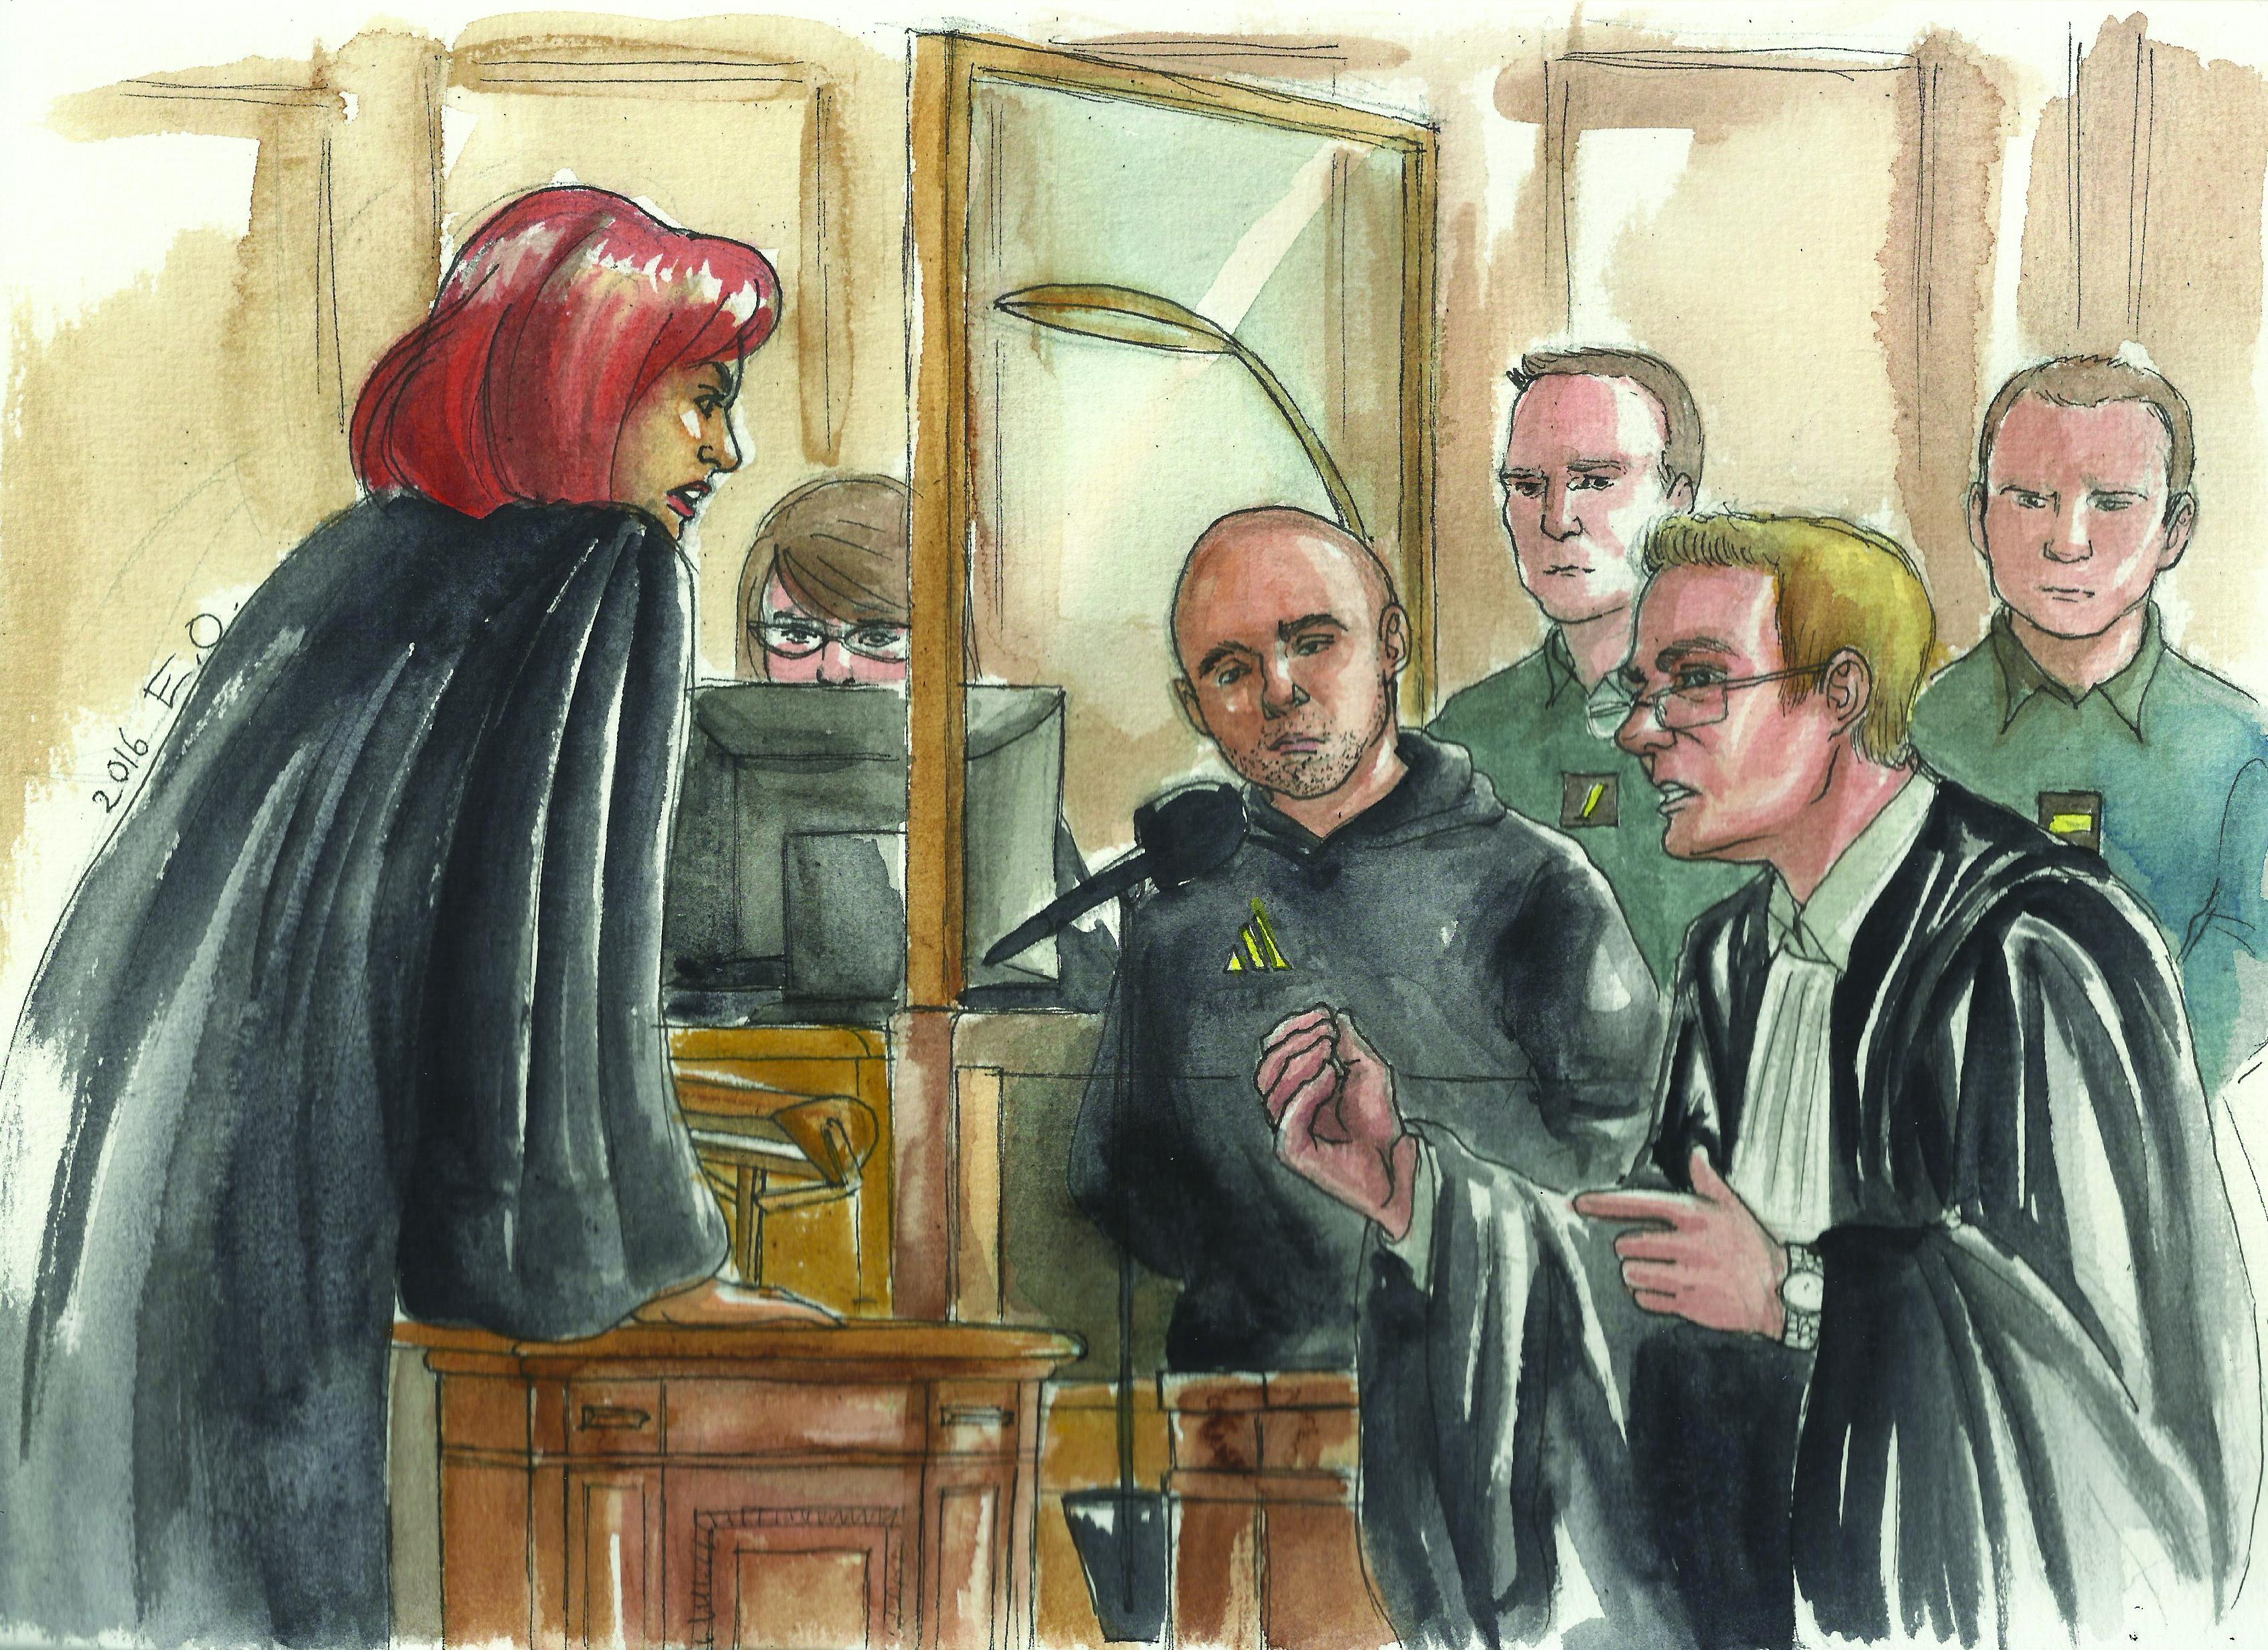 La procureure, le prévenu dans son box, et son avocat